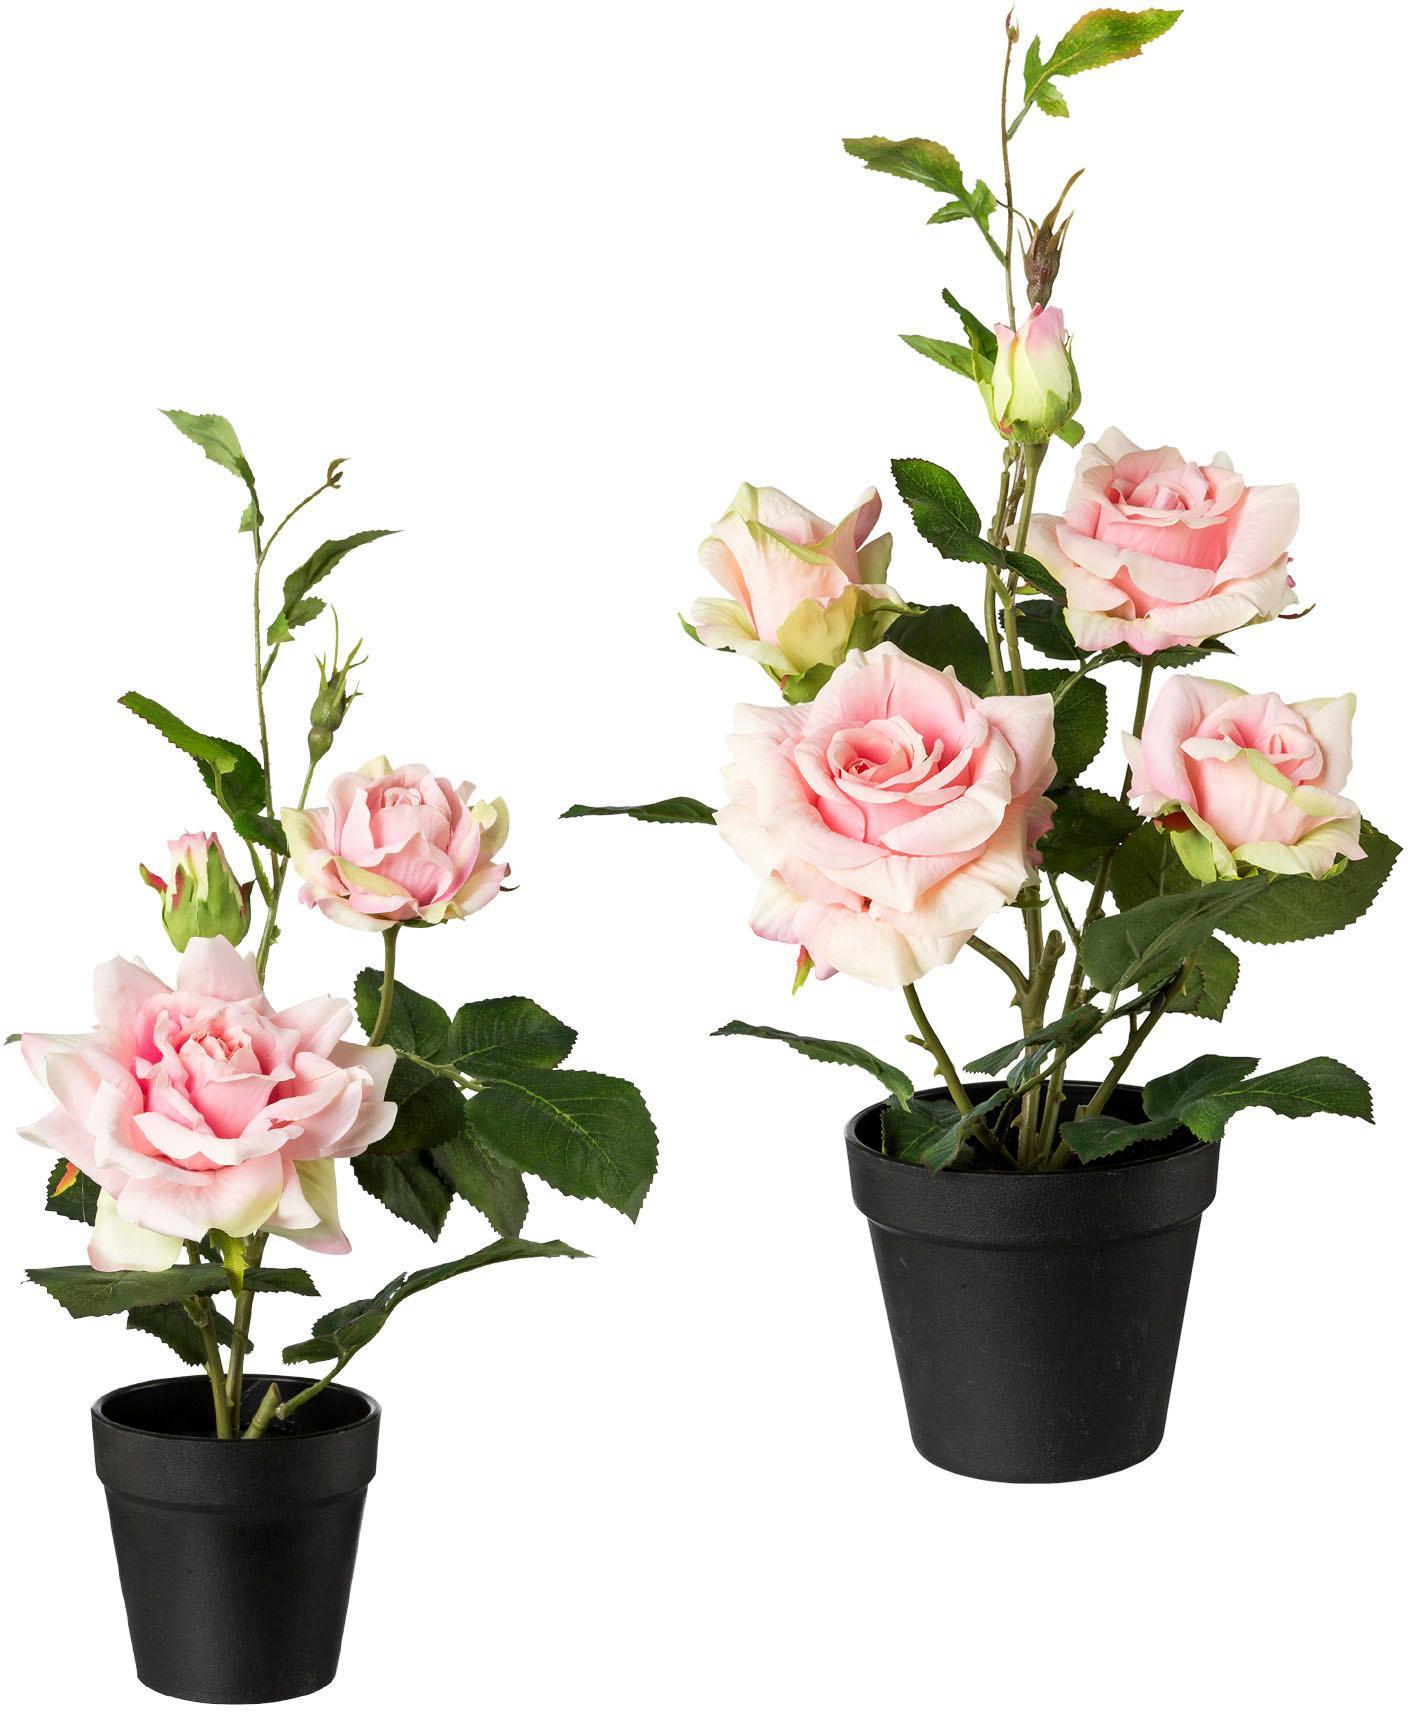 Creativ green Künstliche Zimmerpflanze, 2er Set rosa Zimmerpflanzen Kunstpflanzen Wohnaccessoires Zimmerpflanze